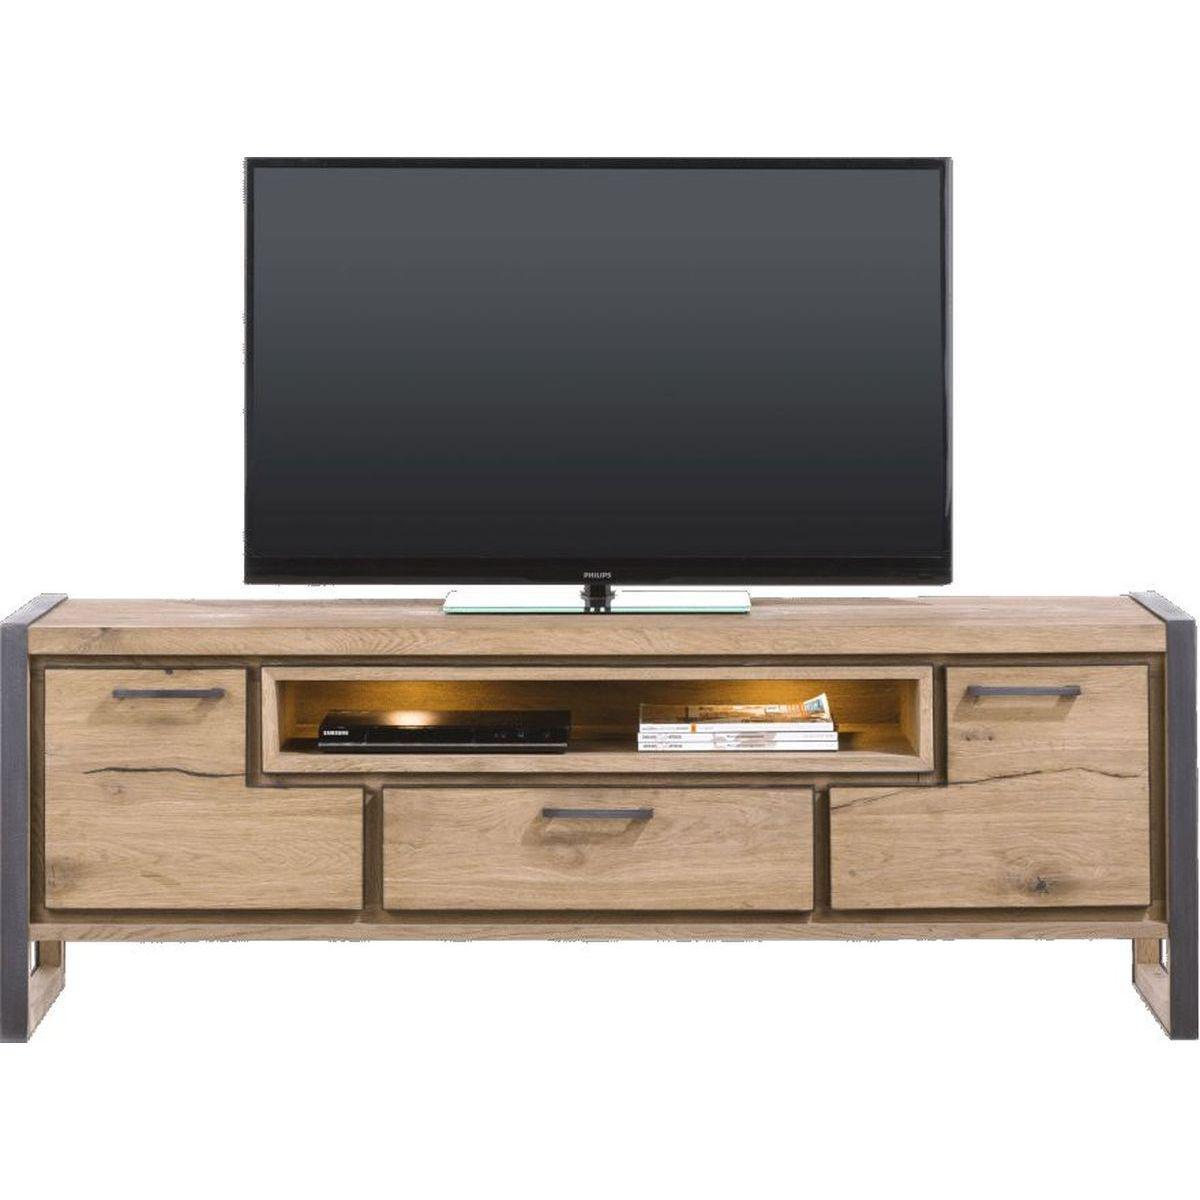 Meuble TV METALO HetH 170cm